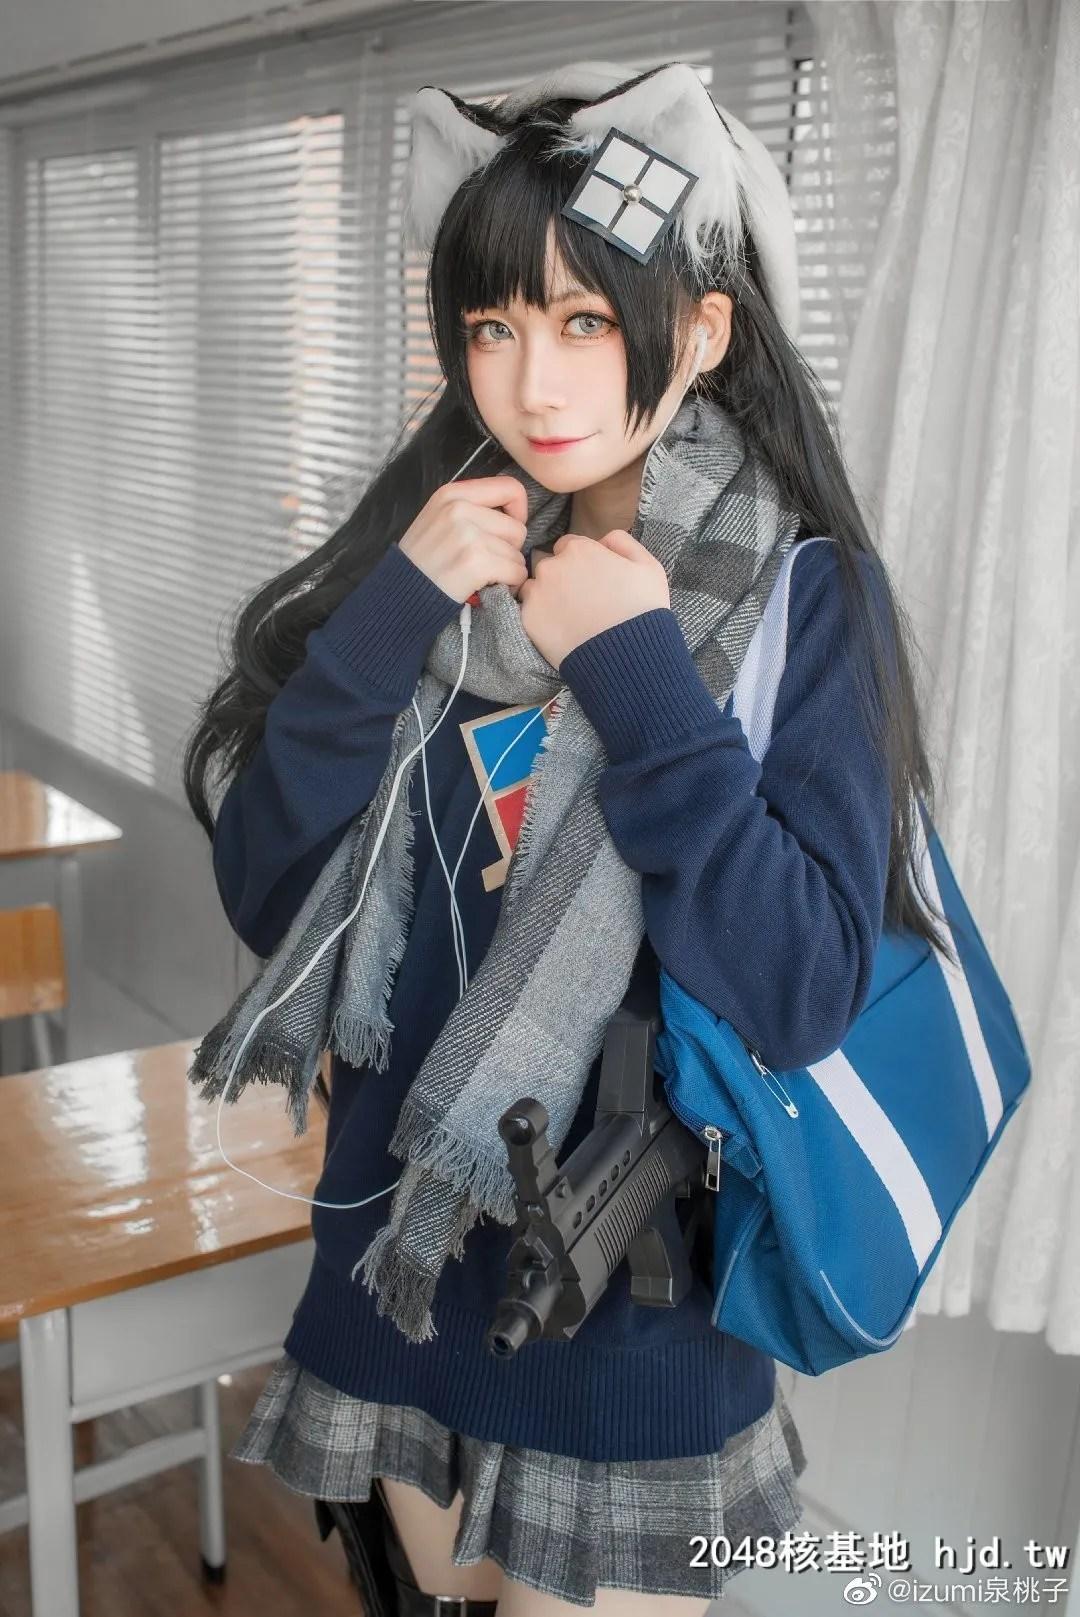 少女前线95式-纯白毕业季@izumi泉桃子 (9P)插图(5)